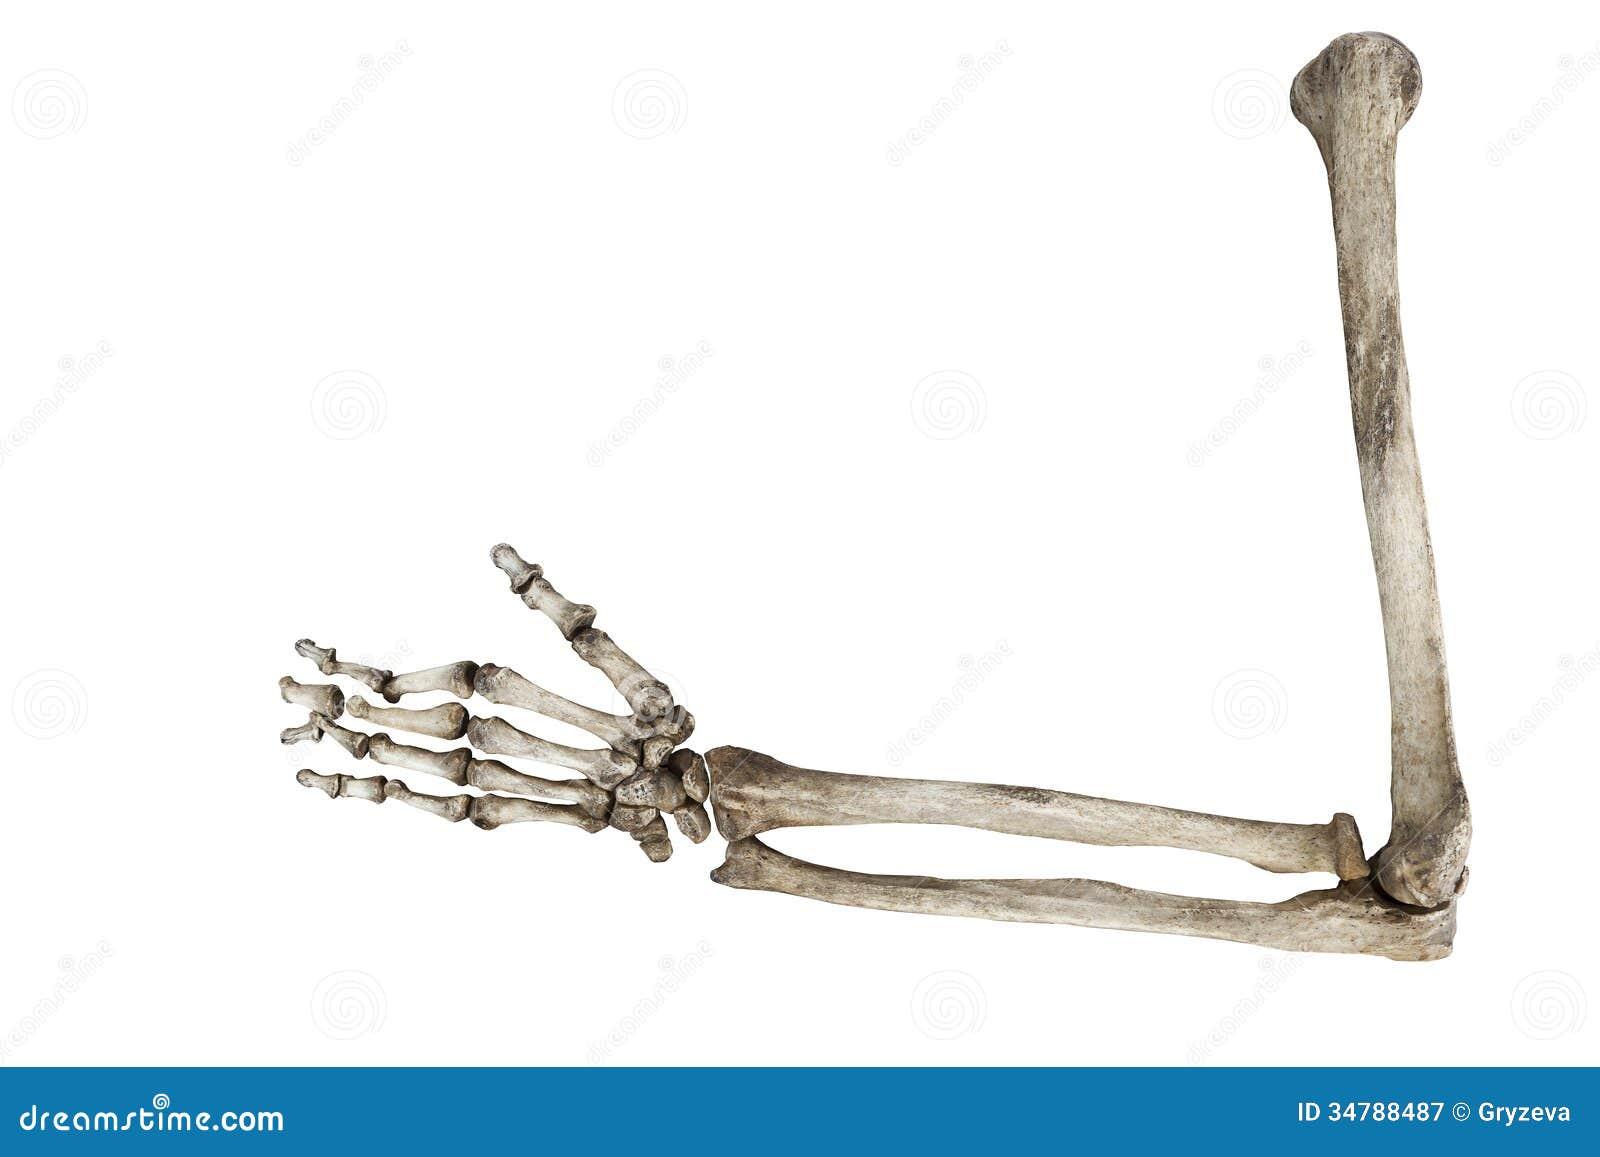 Ausgezeichnet Knochen Im Arm Bilder - Menschliche Anatomie Bilder ...